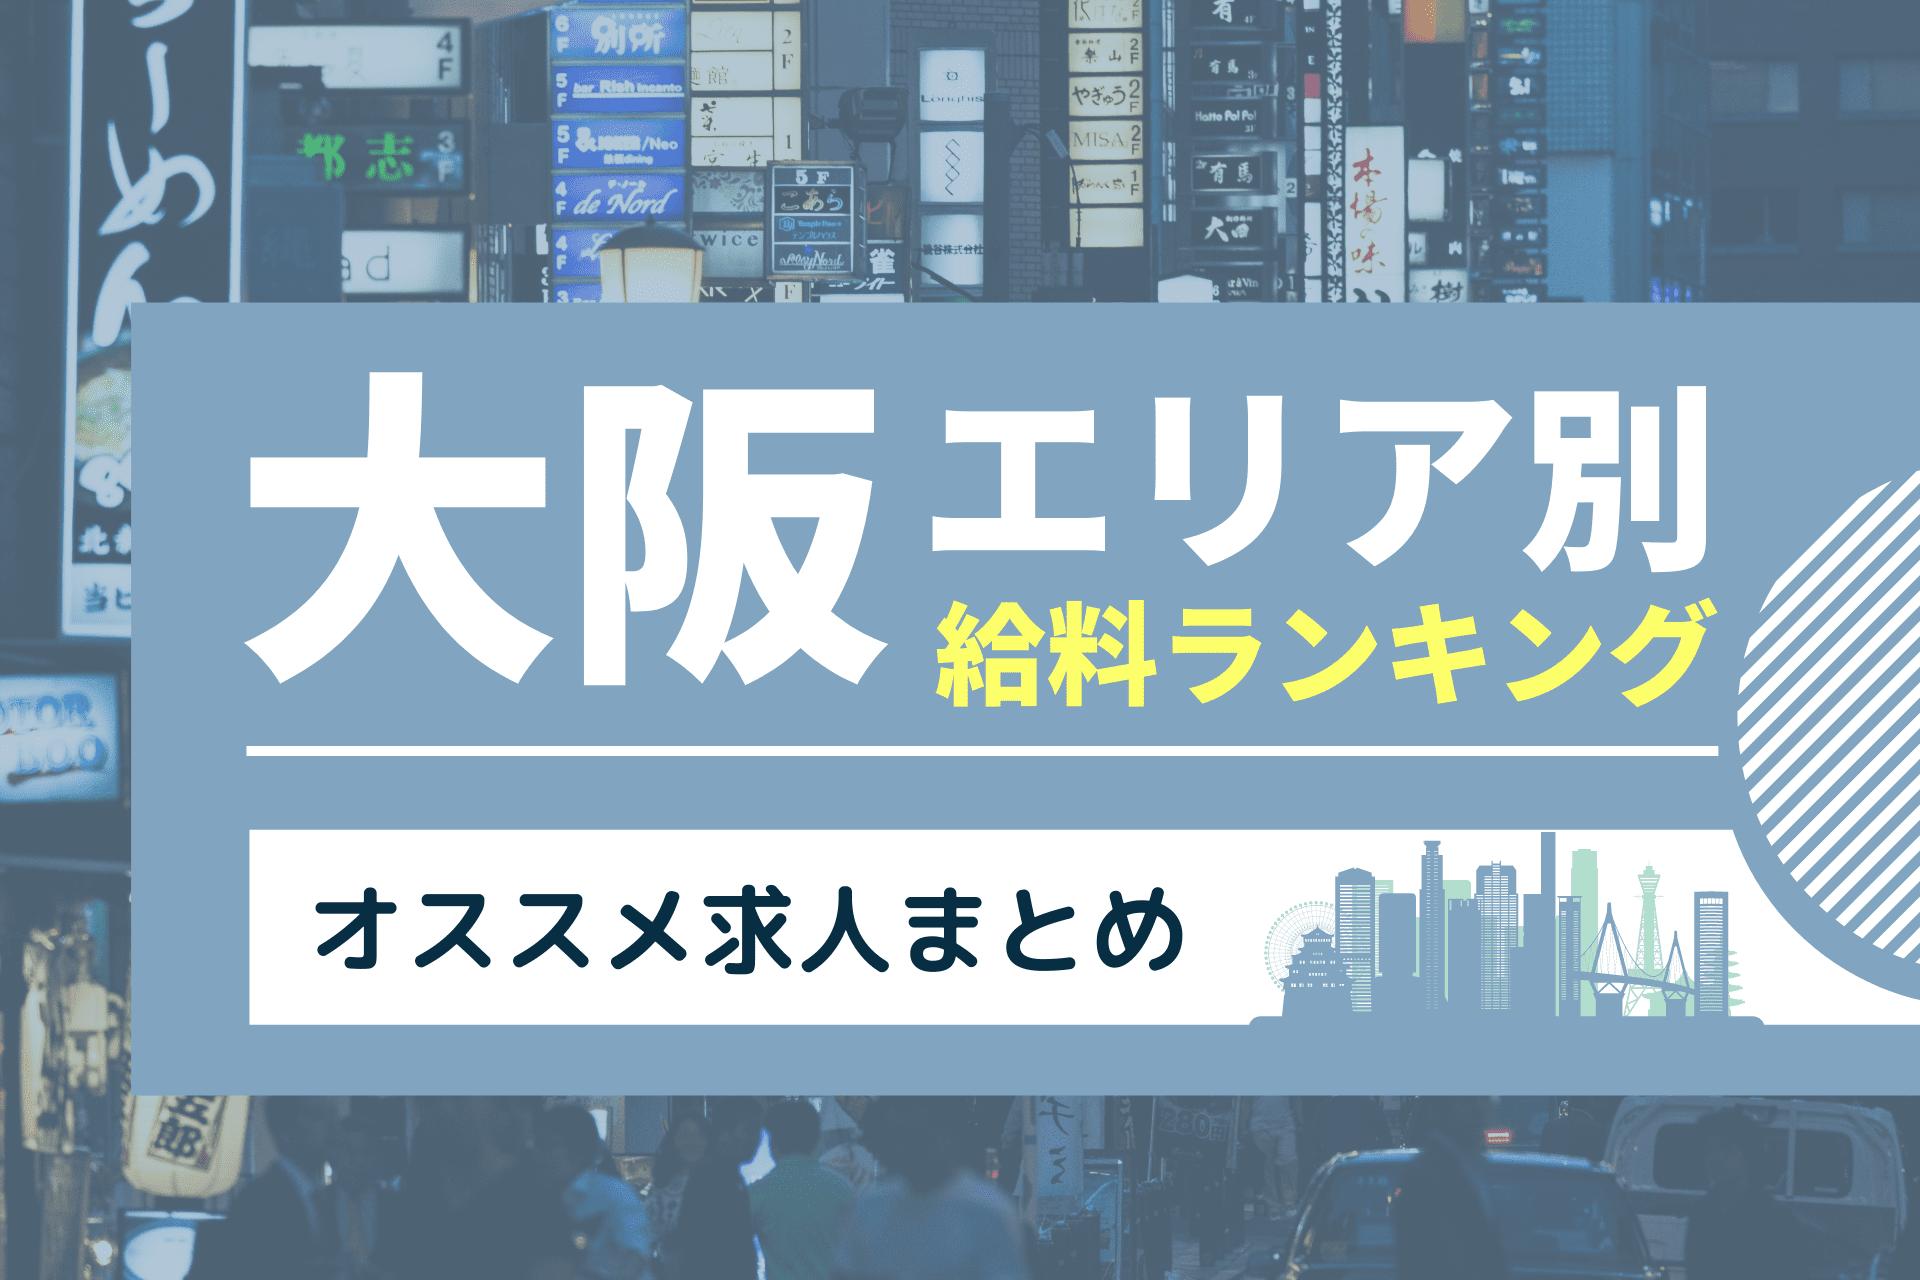 【北新地・梅田・ミナミ】大阪のキャバクラ求人、給料・時給が高いエリアランキング